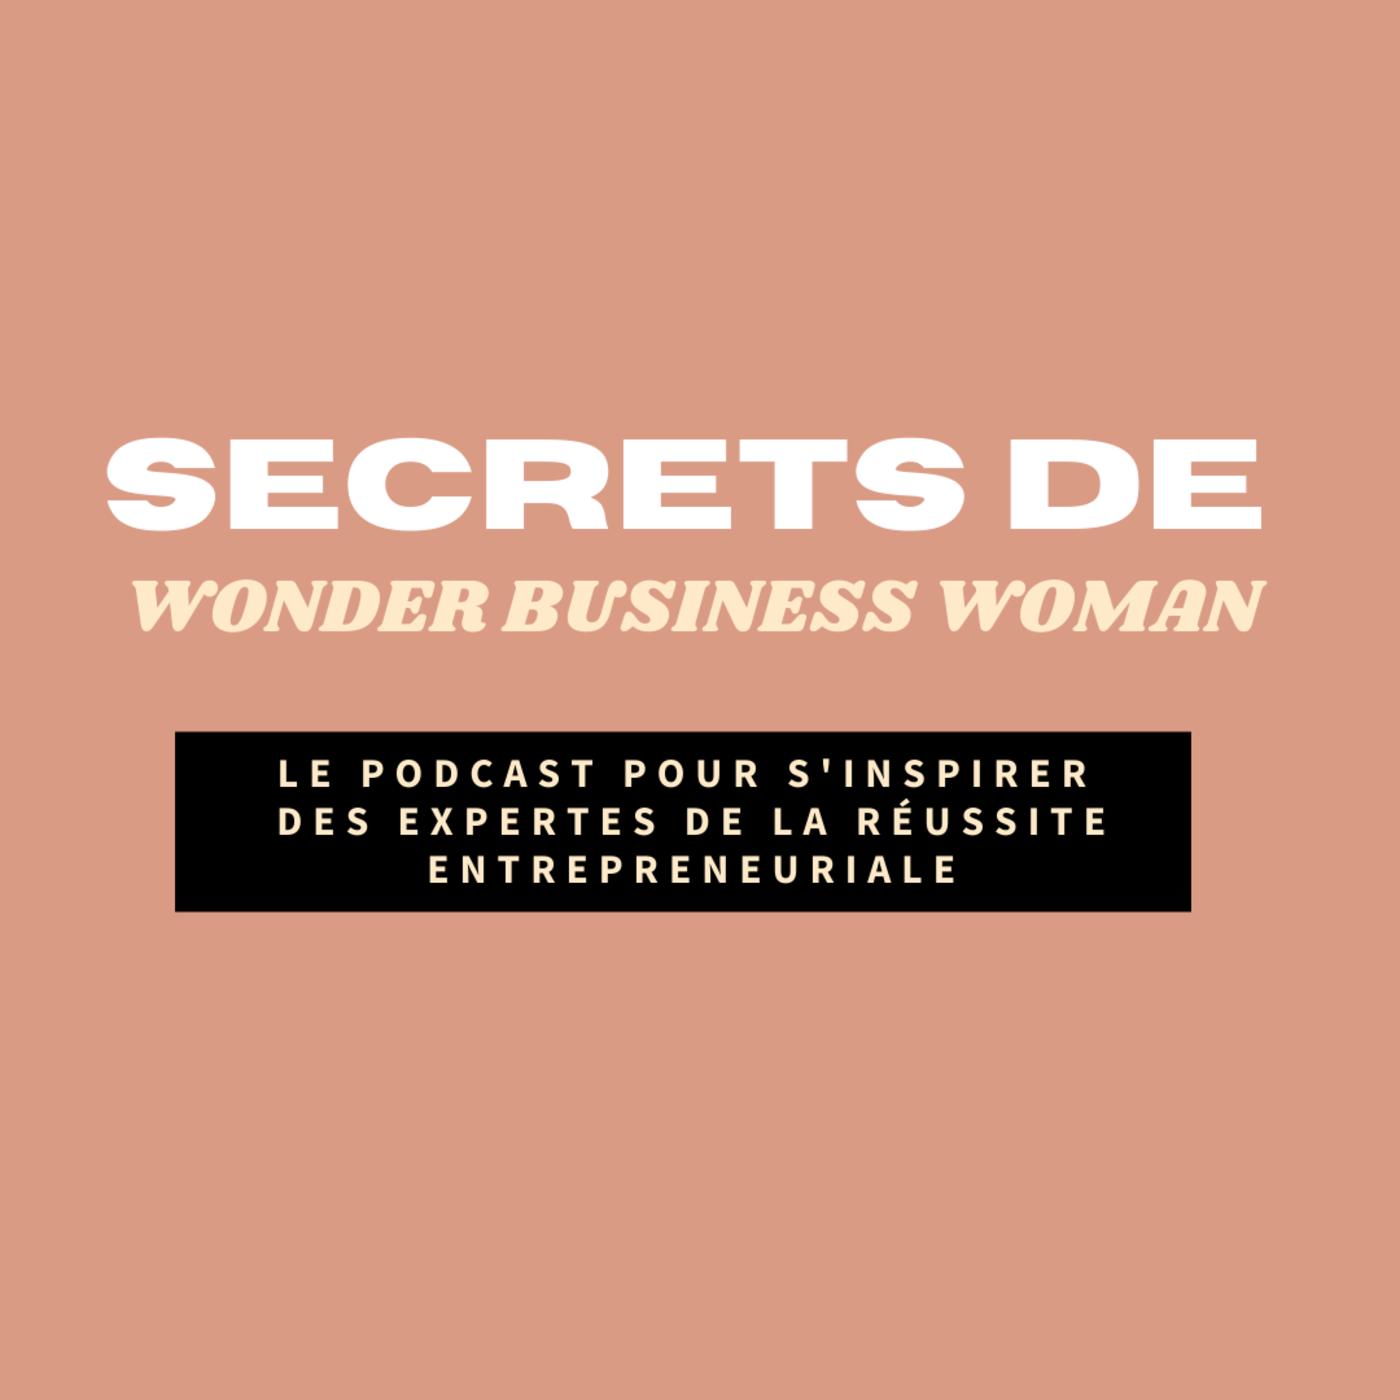 Secrets de Wonder Business Woman